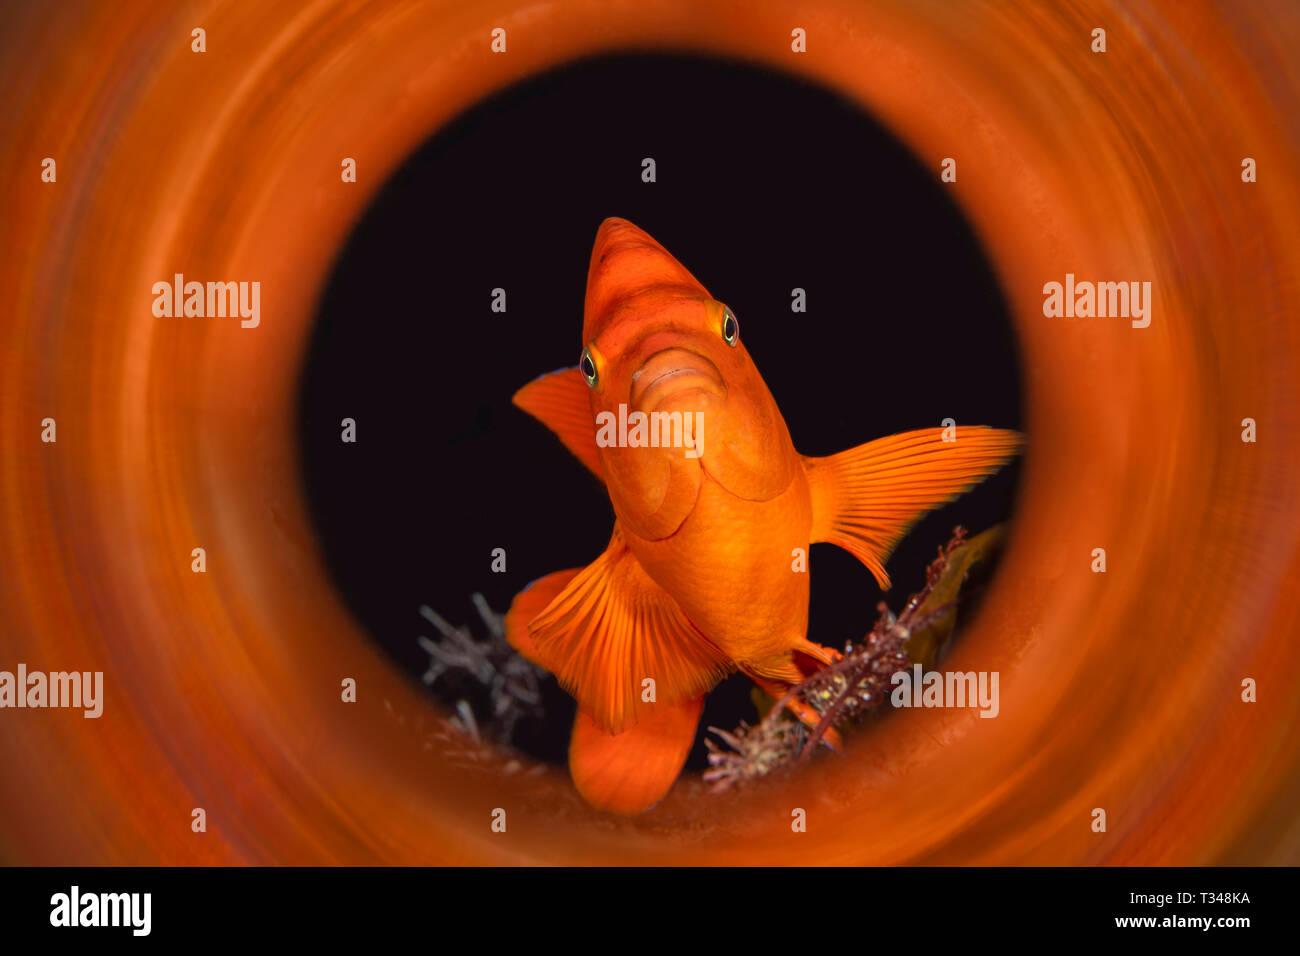 Un color naranja brillante garibaldi shot con un tubo mágico para capturar los reflejos de los animales el color a la derecha de la cámara. Foto de stock